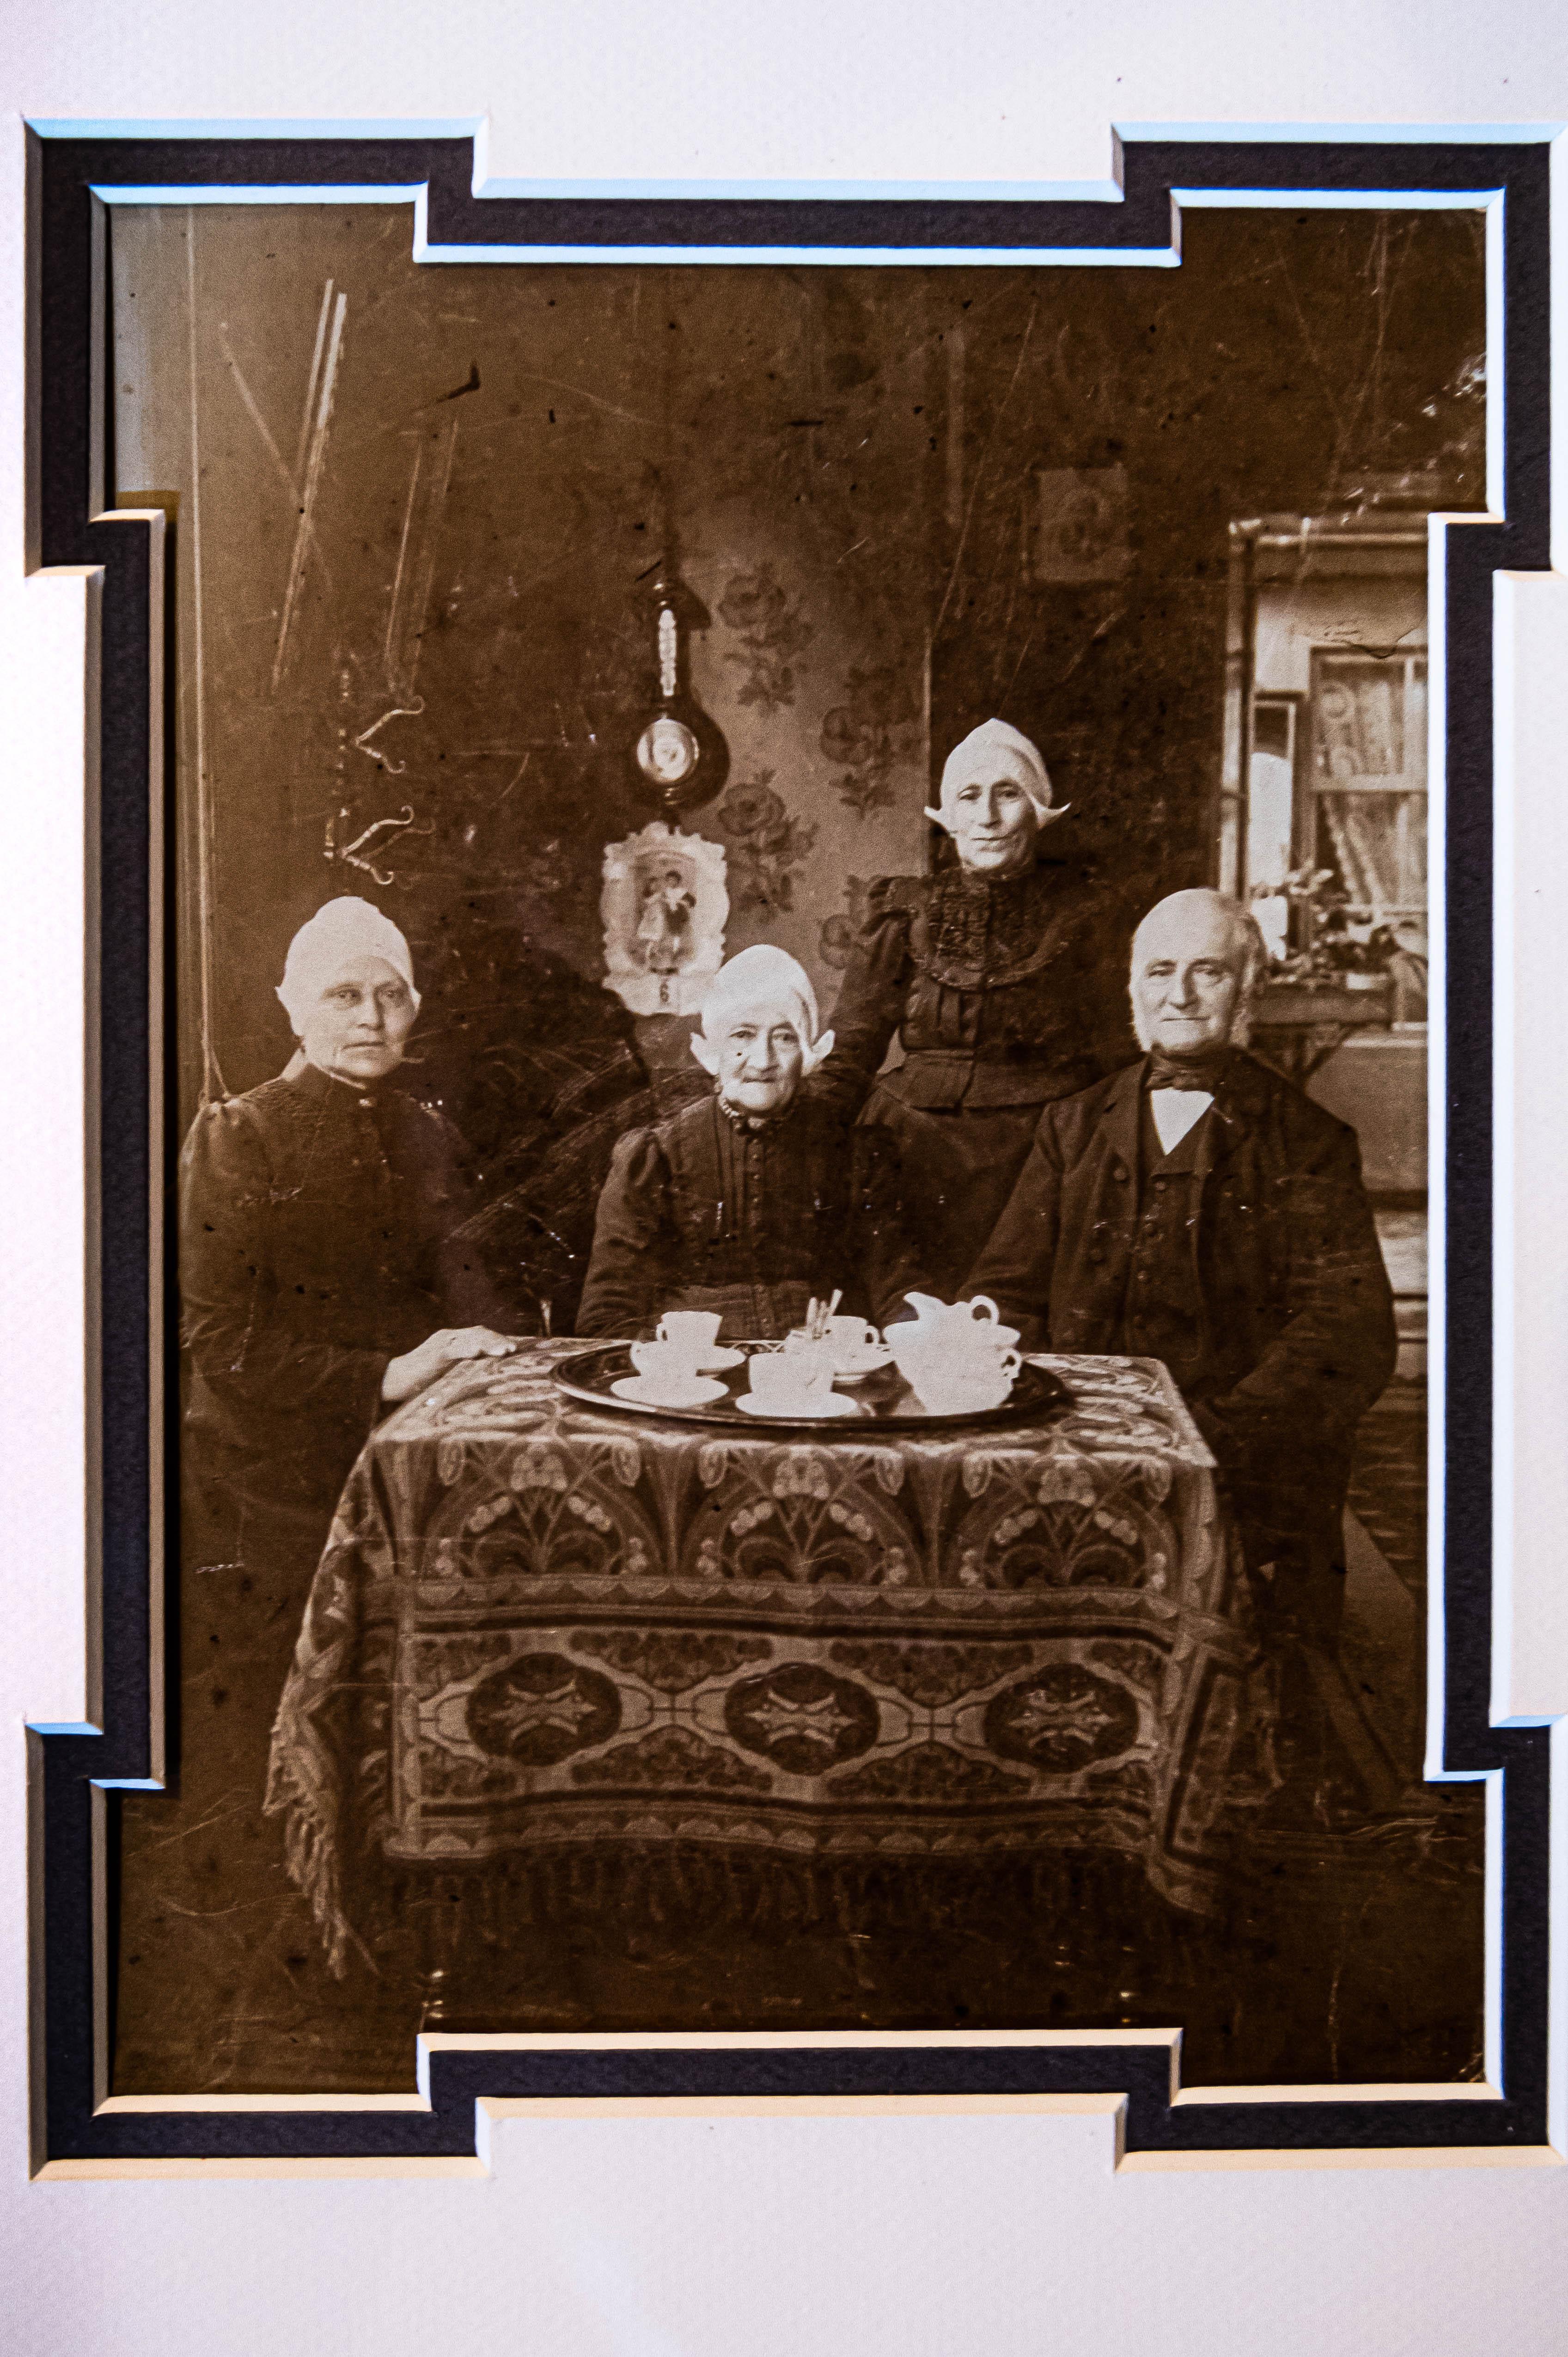 'Waar komen we vandaan en van wie is dat er eentje? Schatgraven in de Landsmeerse familiegeschiedenis met een oude foto